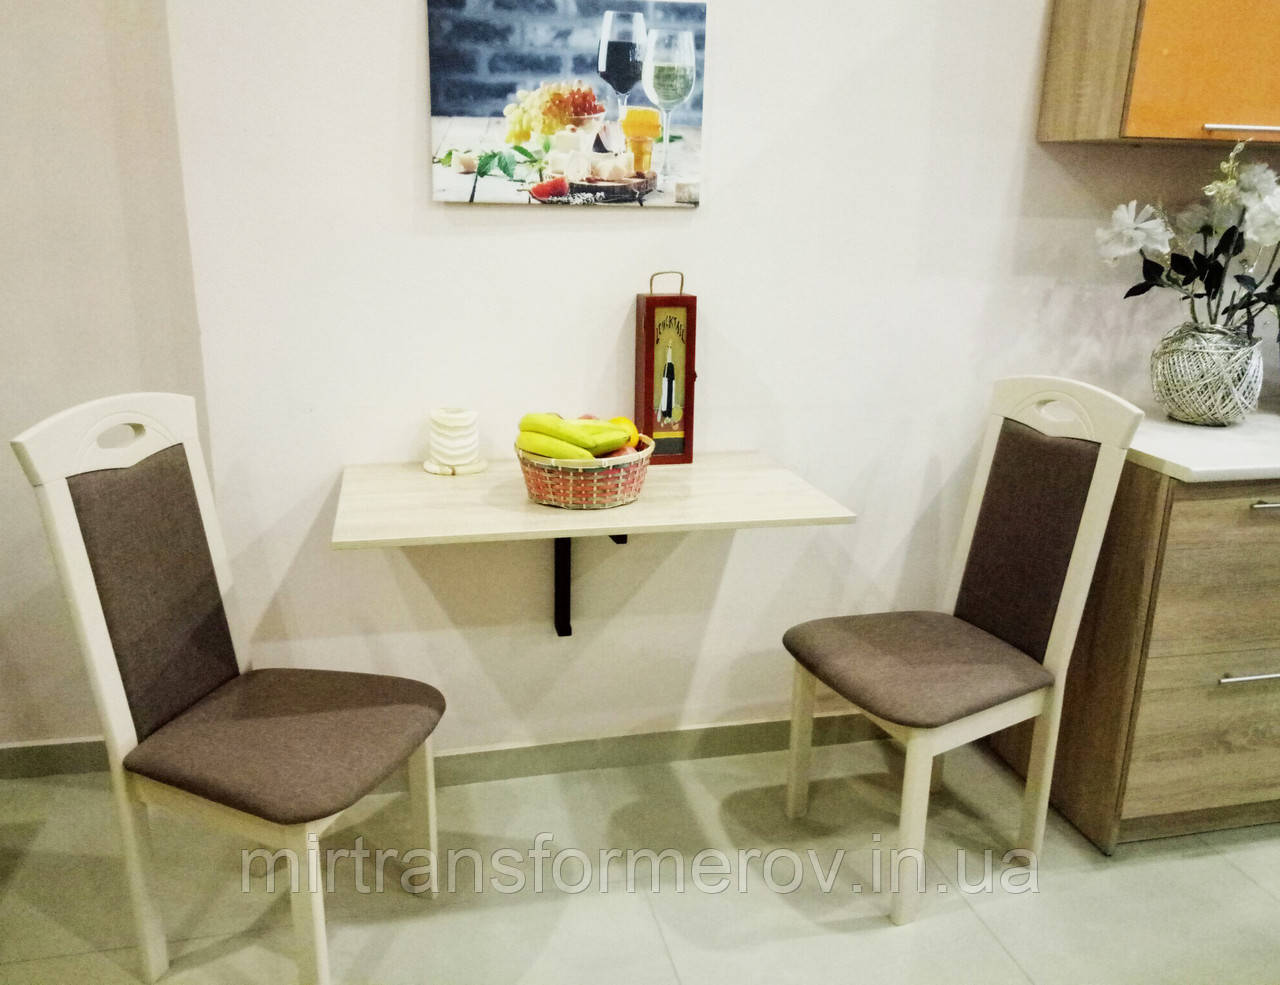 """Стол откидной """"мини"""": продажа, цена в александрии. столы кух."""